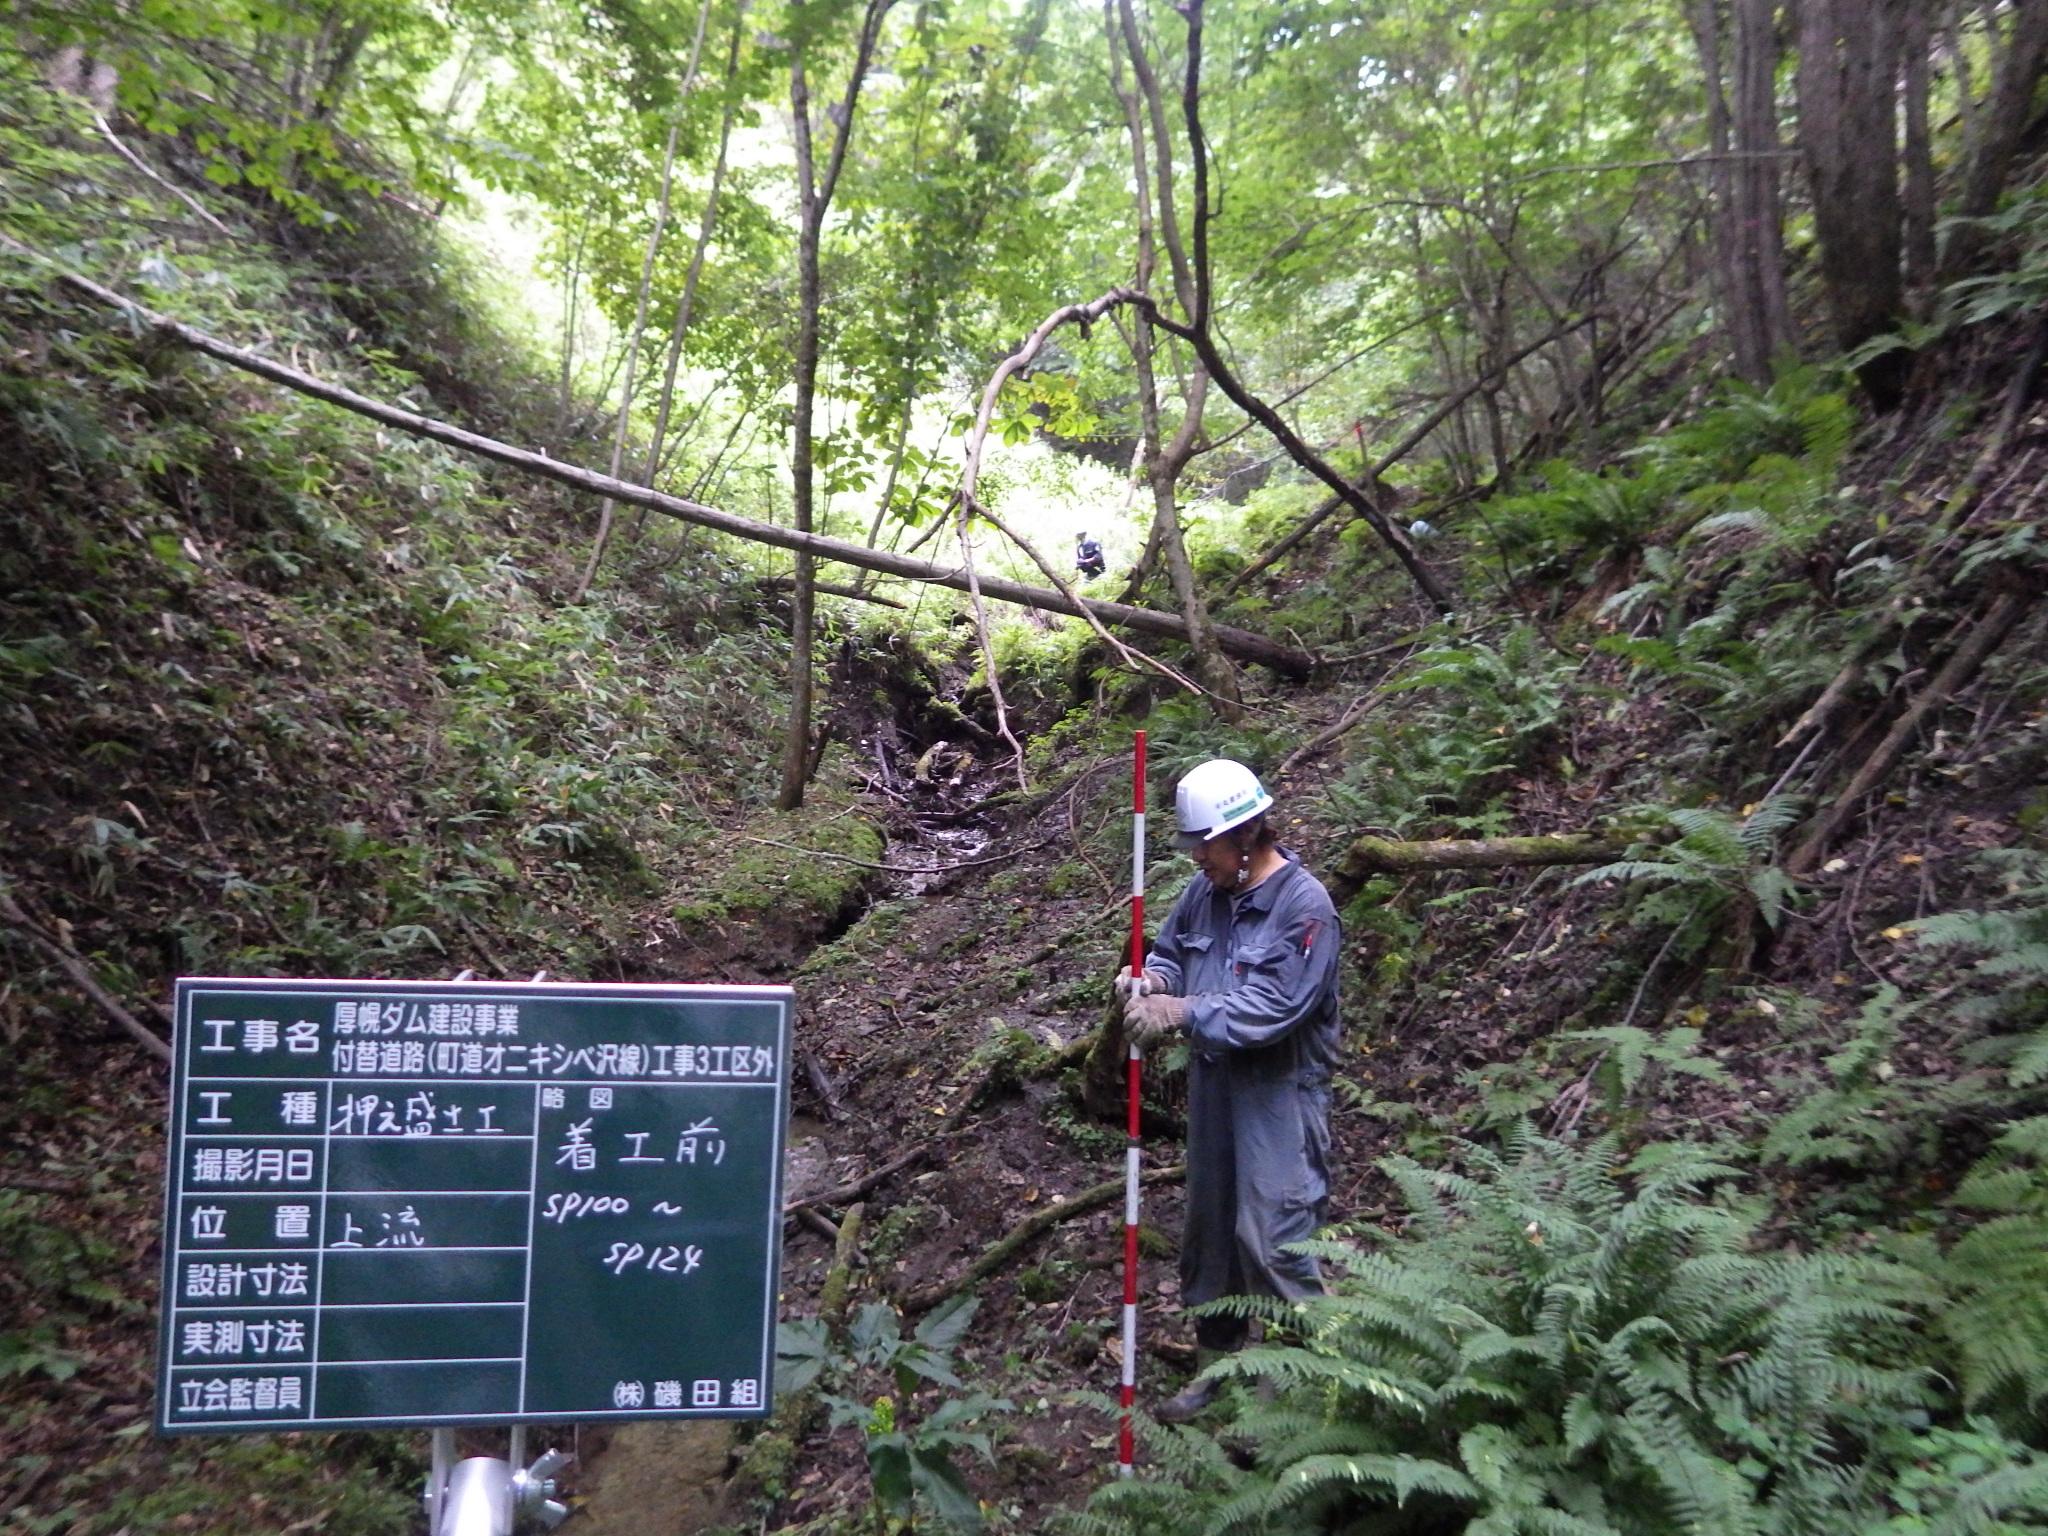 厚幌ダム建設事業 付替道路(町道オニキシベ沢線)工事3工区外